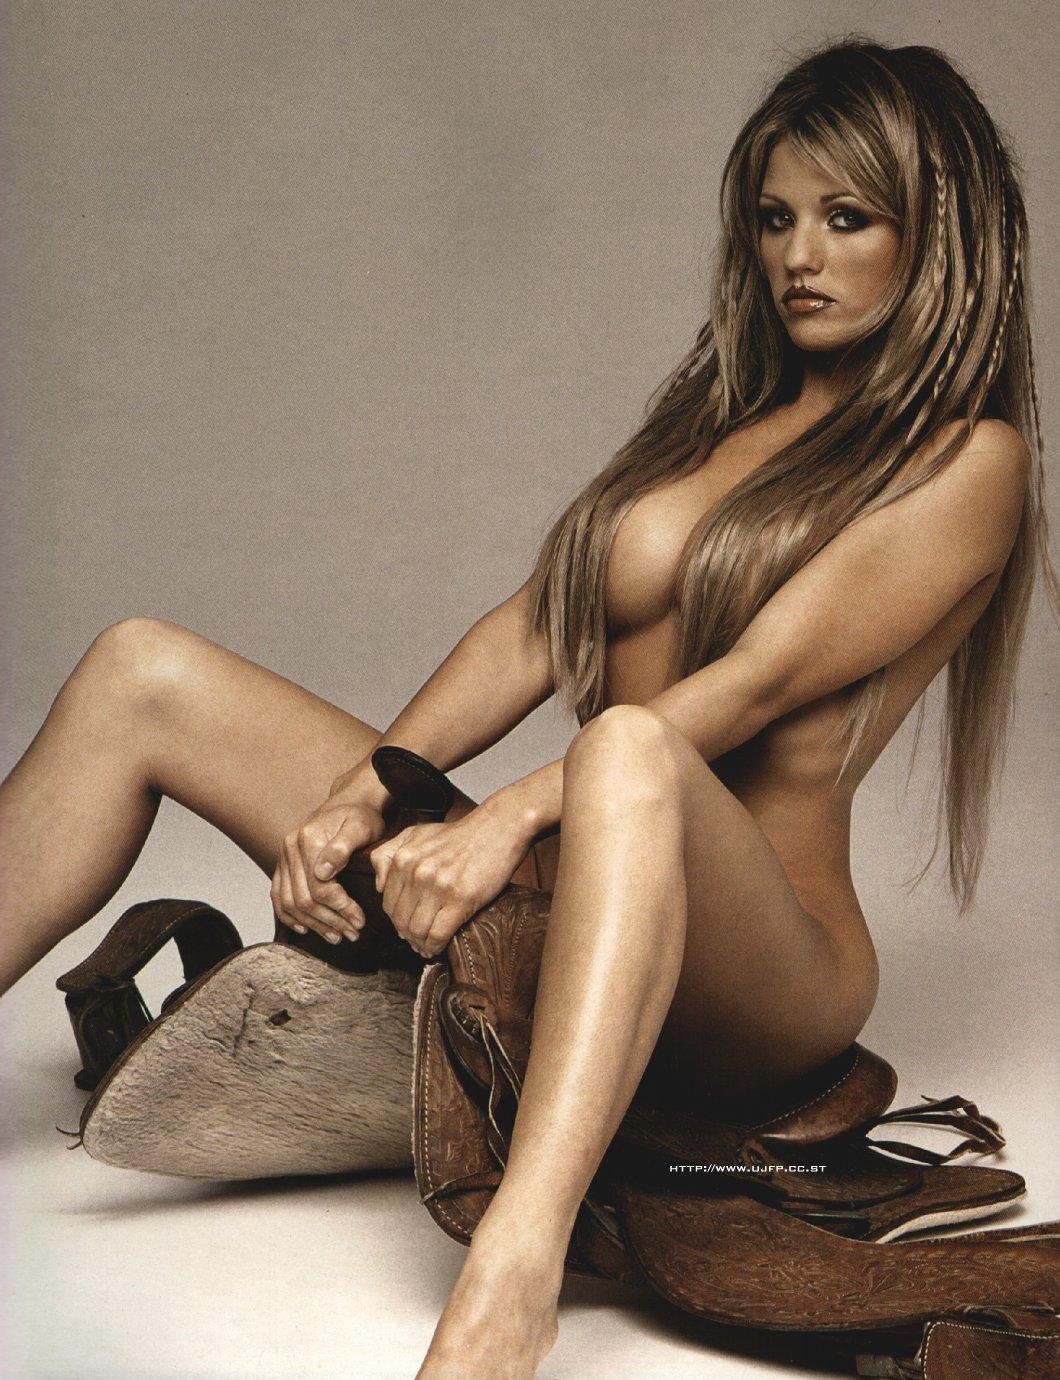 Шакира фото обнаженной 15 фотография